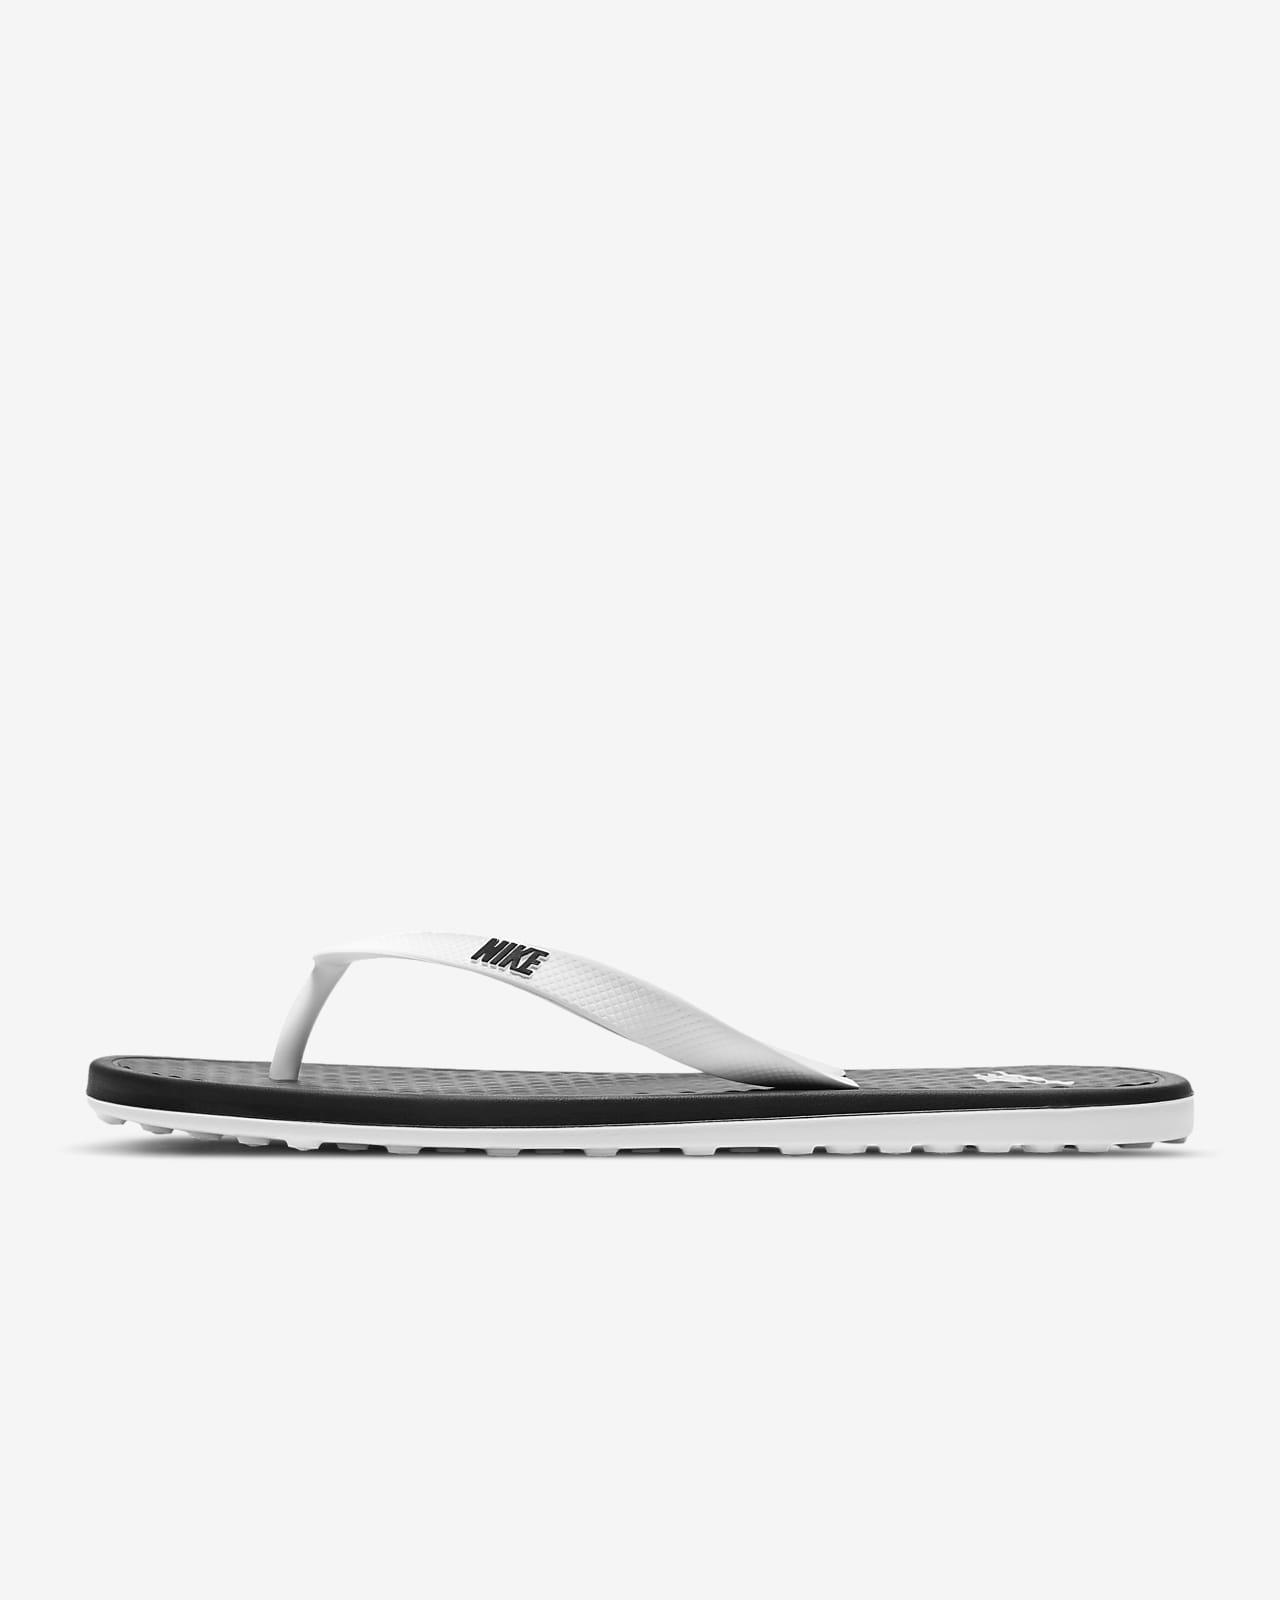 Nike On Deck Women's Flip Flop